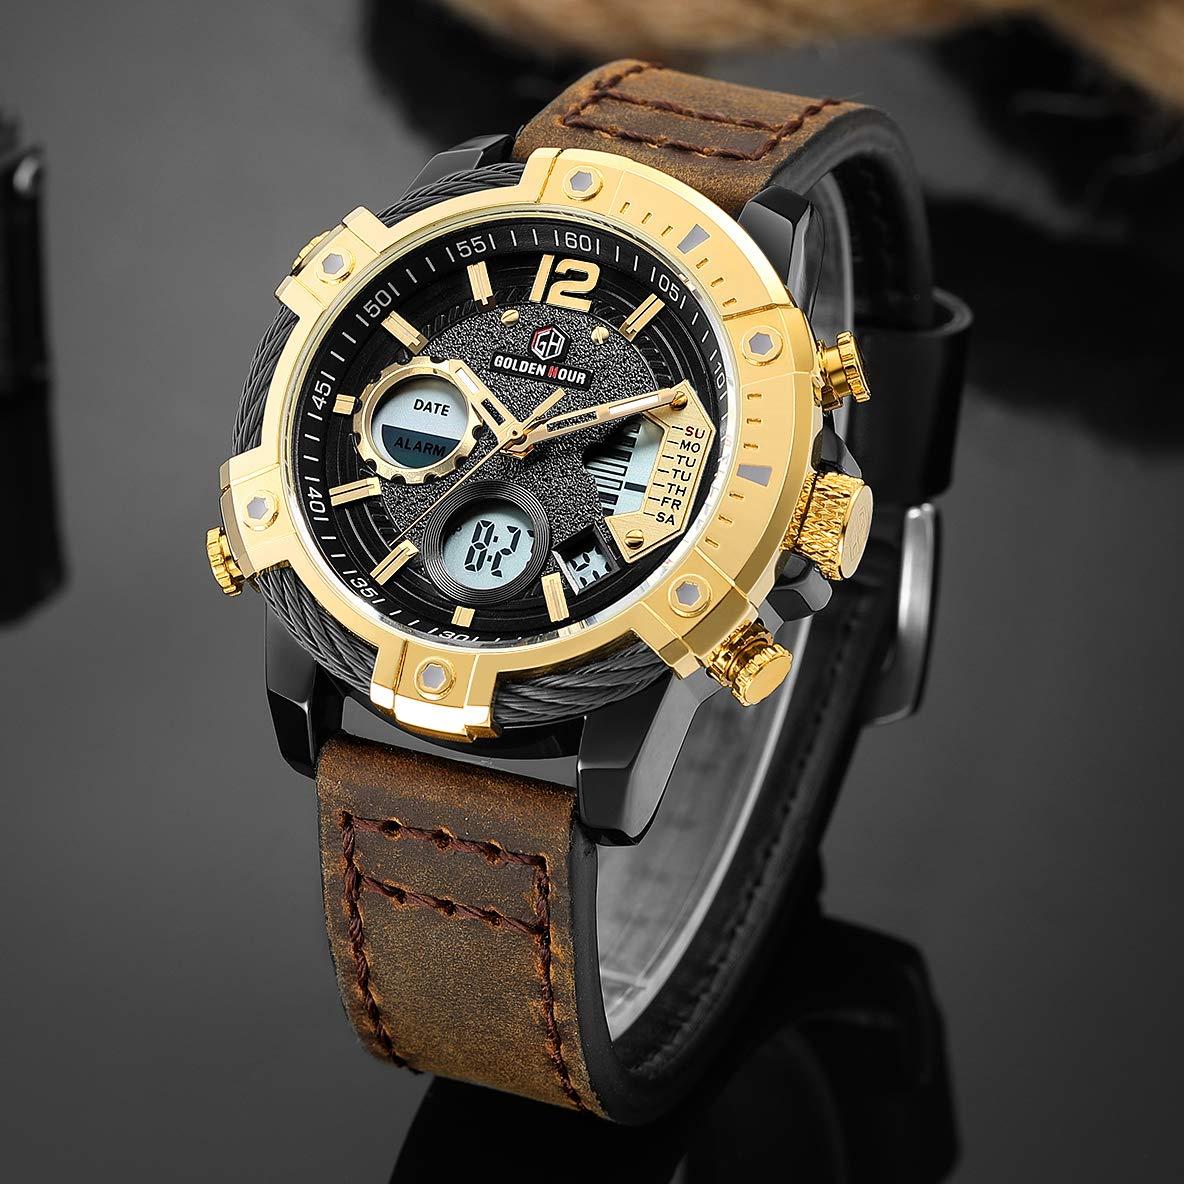 Relojes de Cuarzo Analš®gicos Digitales Deporte para Hombre para Hombres cronš®grafo Militar Reloj Impermeable (Gold-120): Amazon.es: Relojes